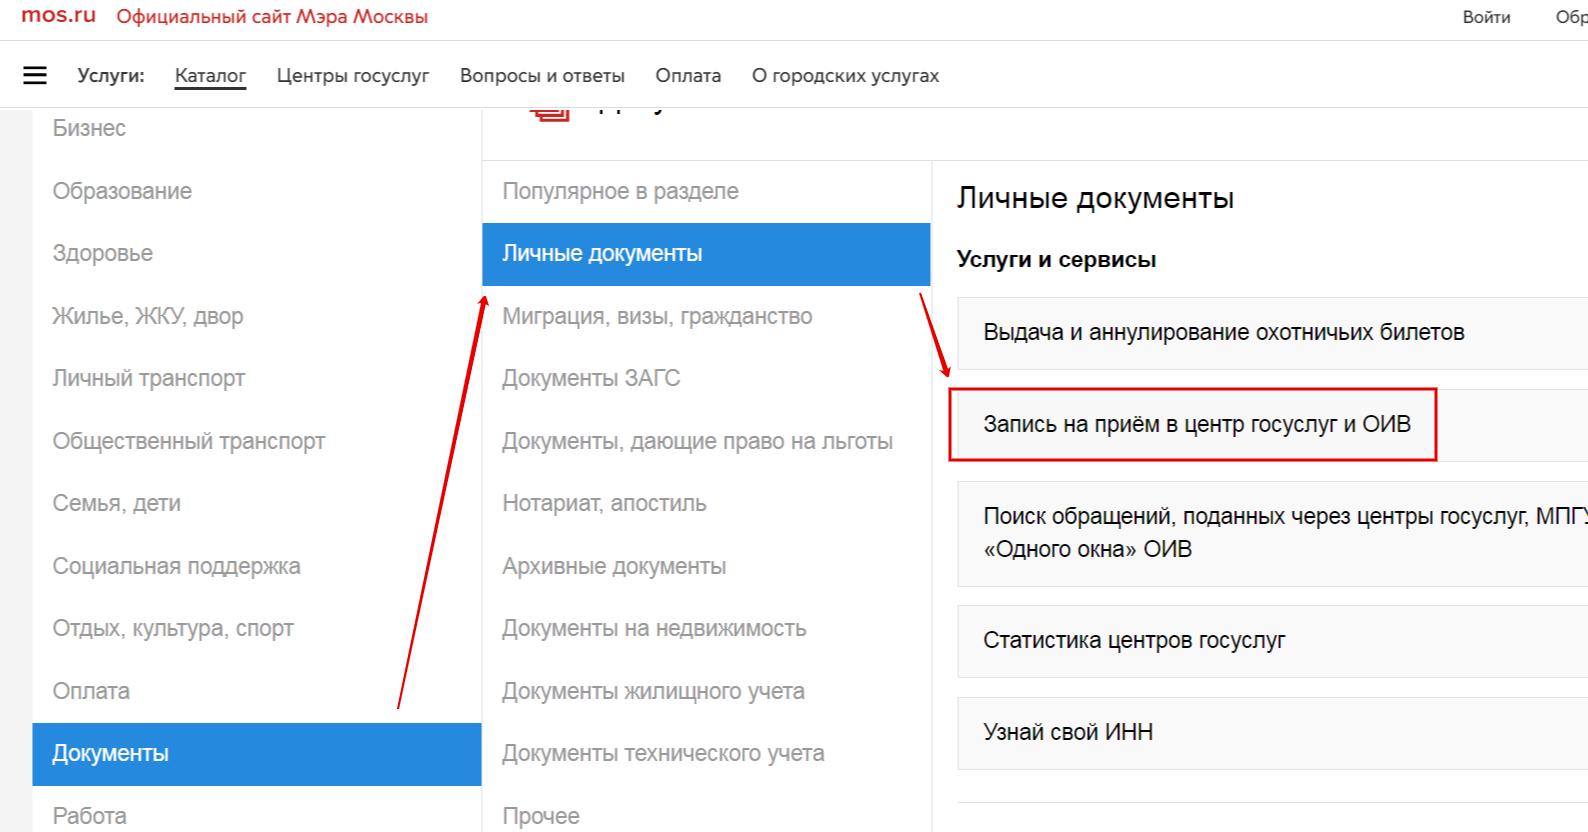 Можно ли проводить ремонтные работы в субботу в москве согласно закона 2019